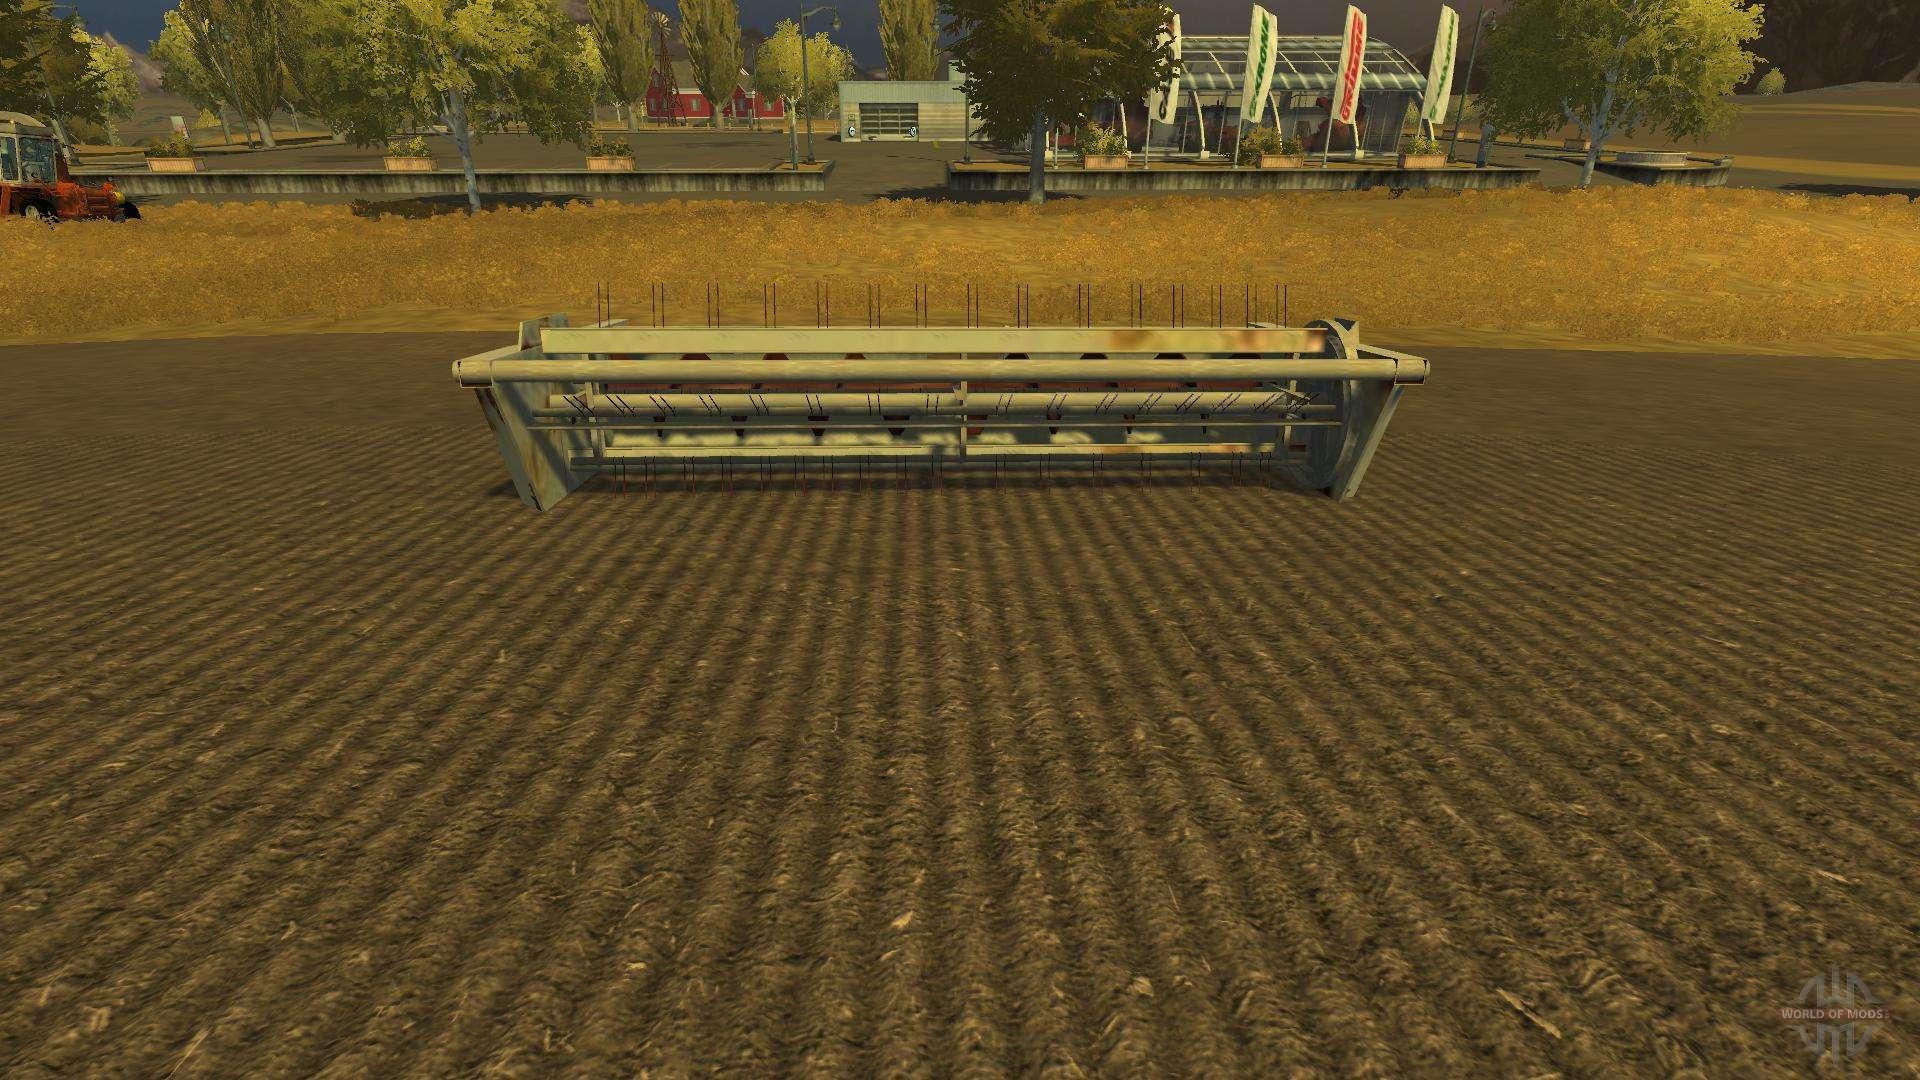 https://www.amazon.fr/Focus-3512899117341-Farming-Simulator-18/dp/B01MZDTI3I